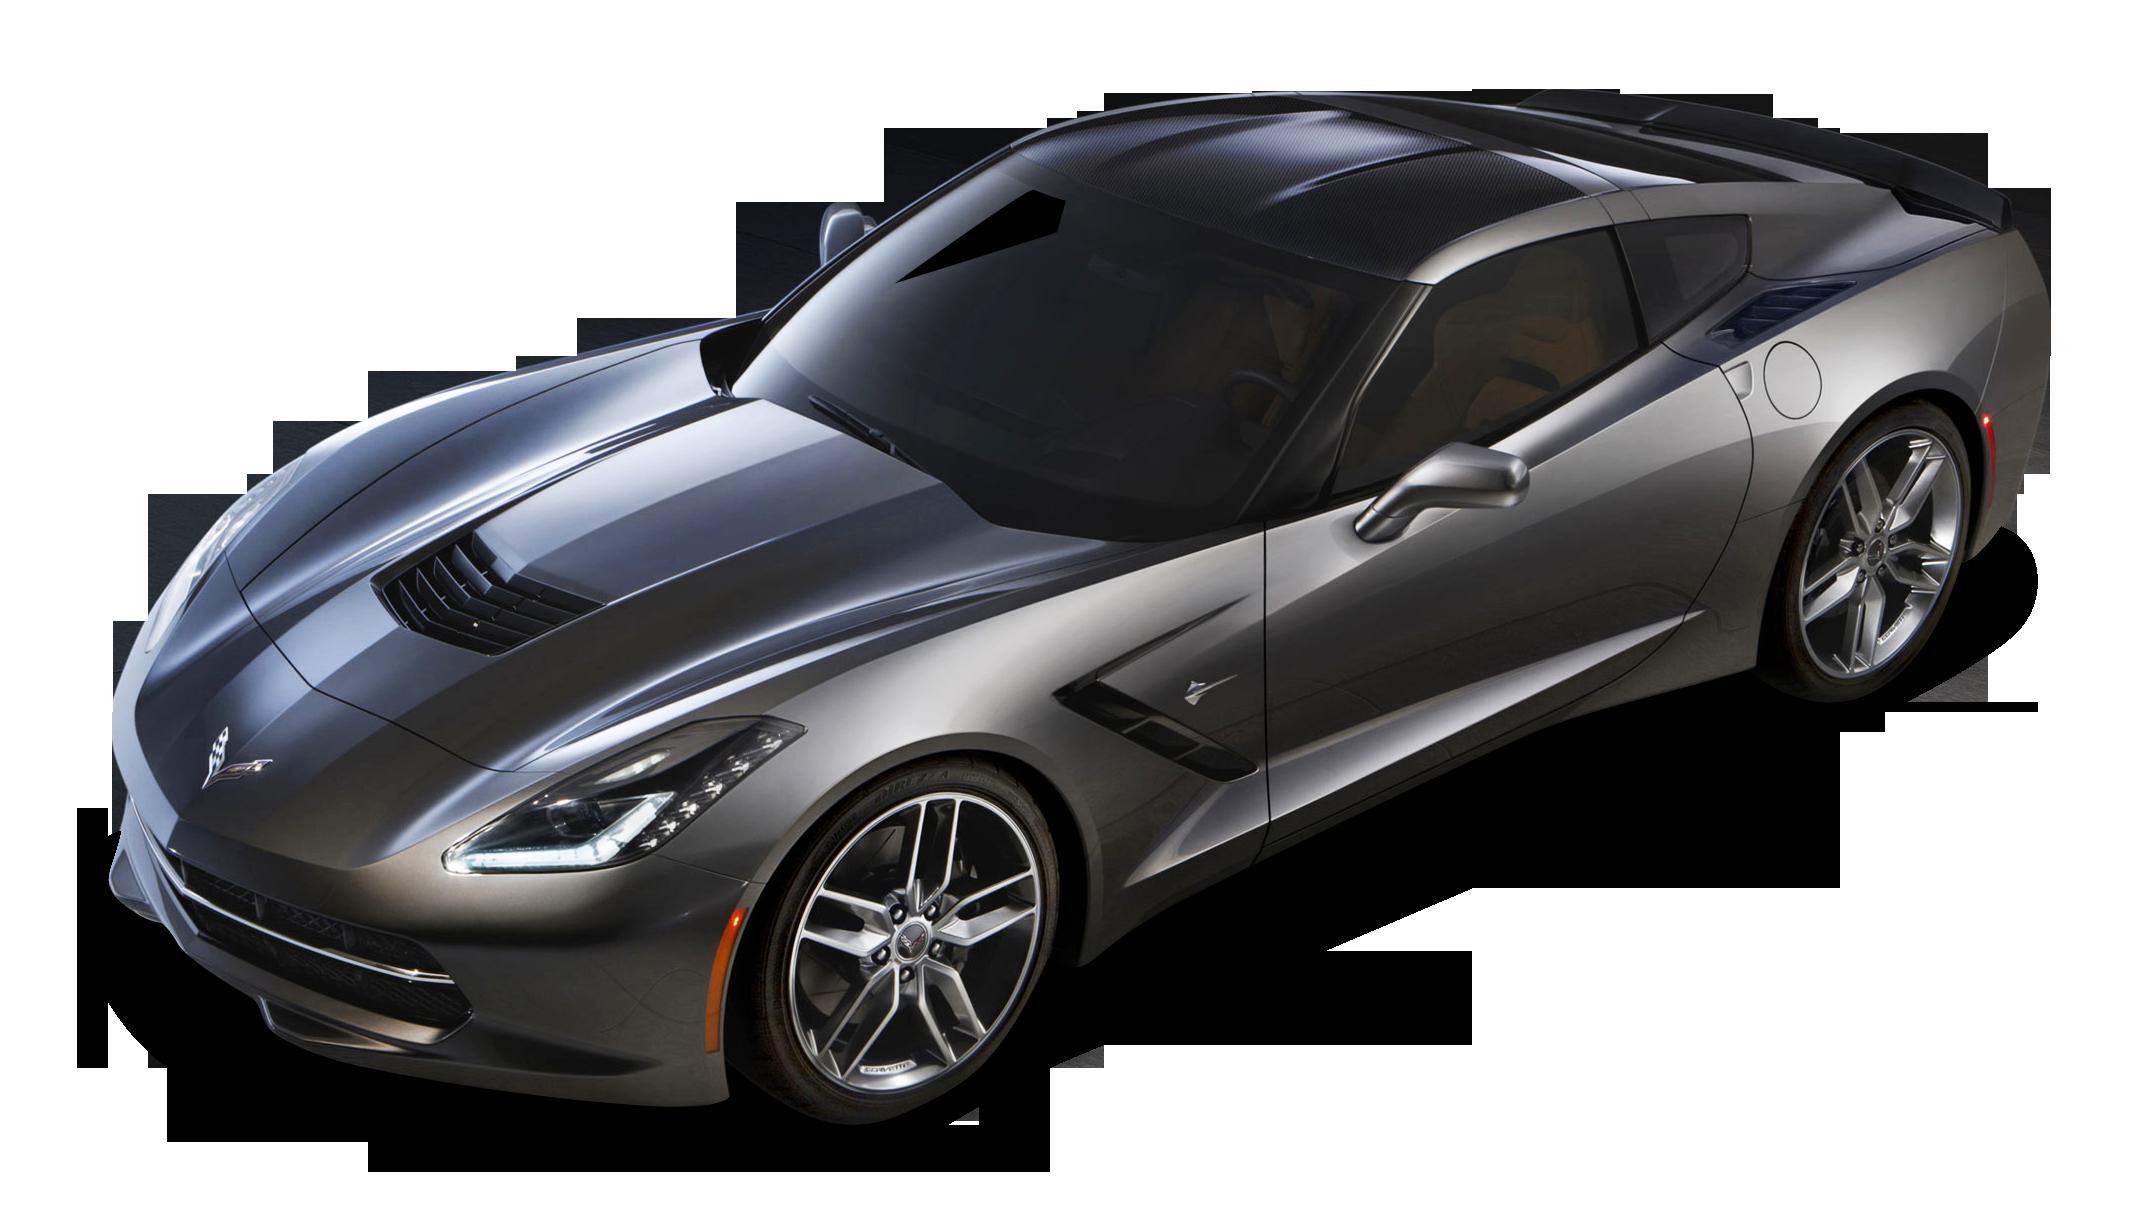 Chevrolet Corvette C7 Stingray Top View Car PNG Image